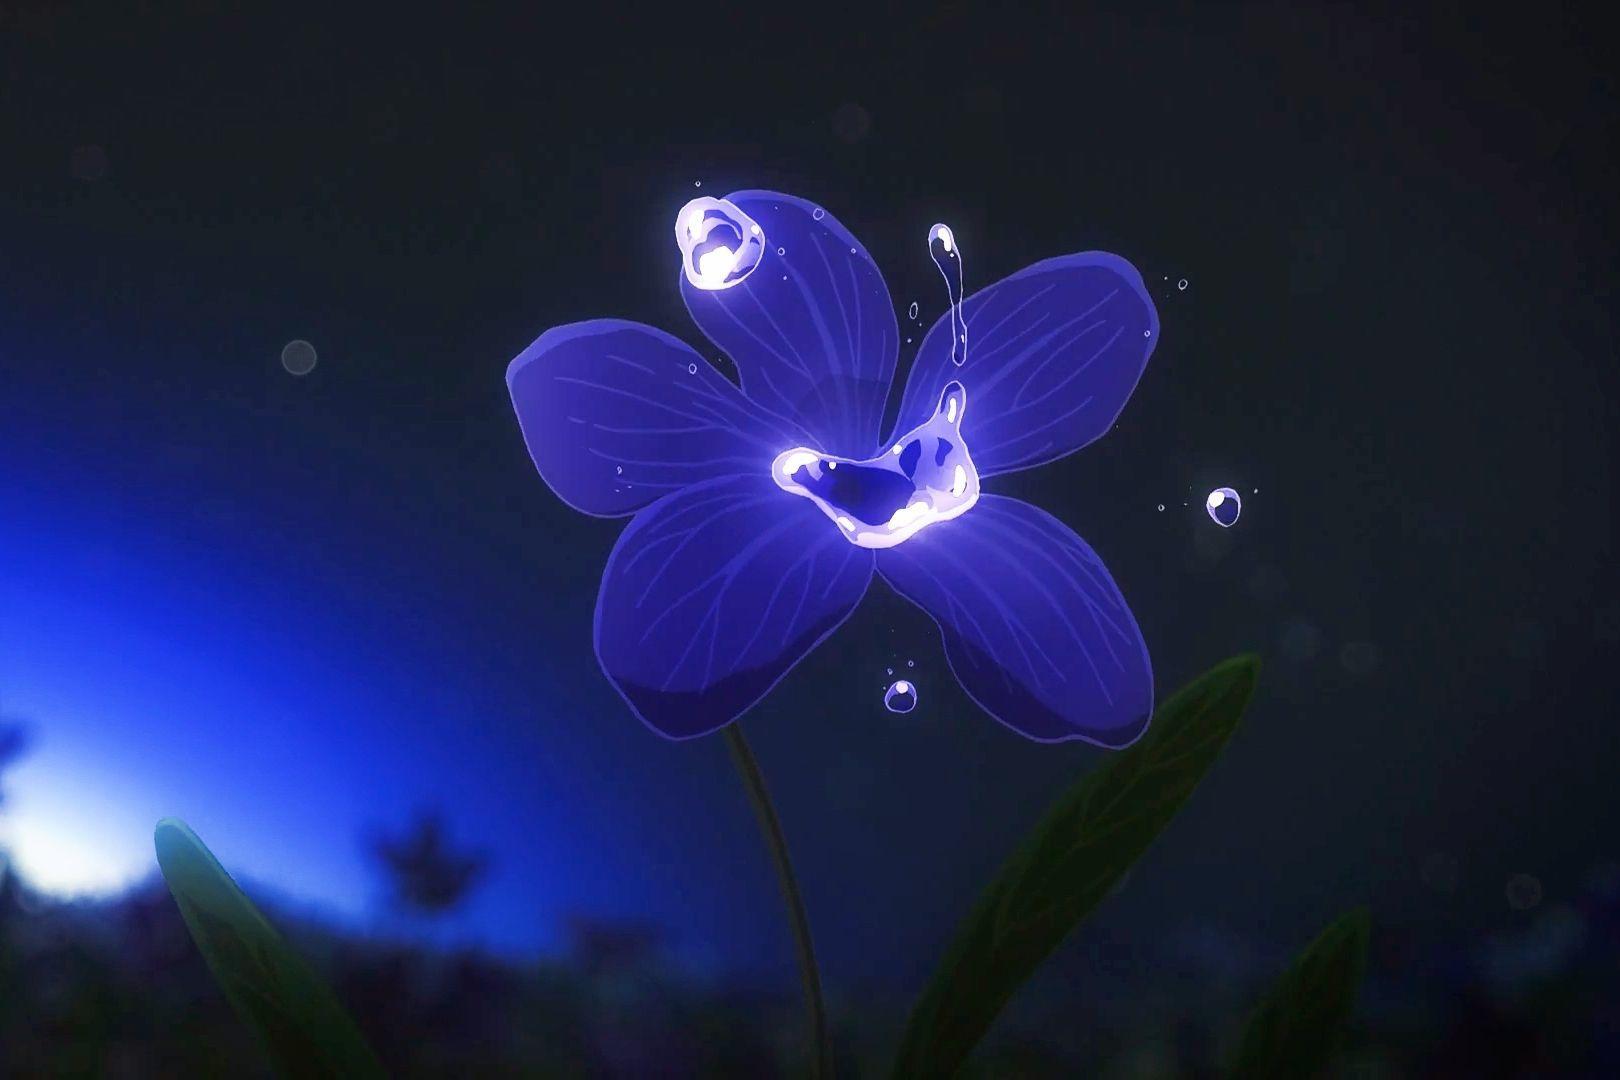 《Flowers》评测– 感情中的一股清流,唯美动人而蕴含诗意